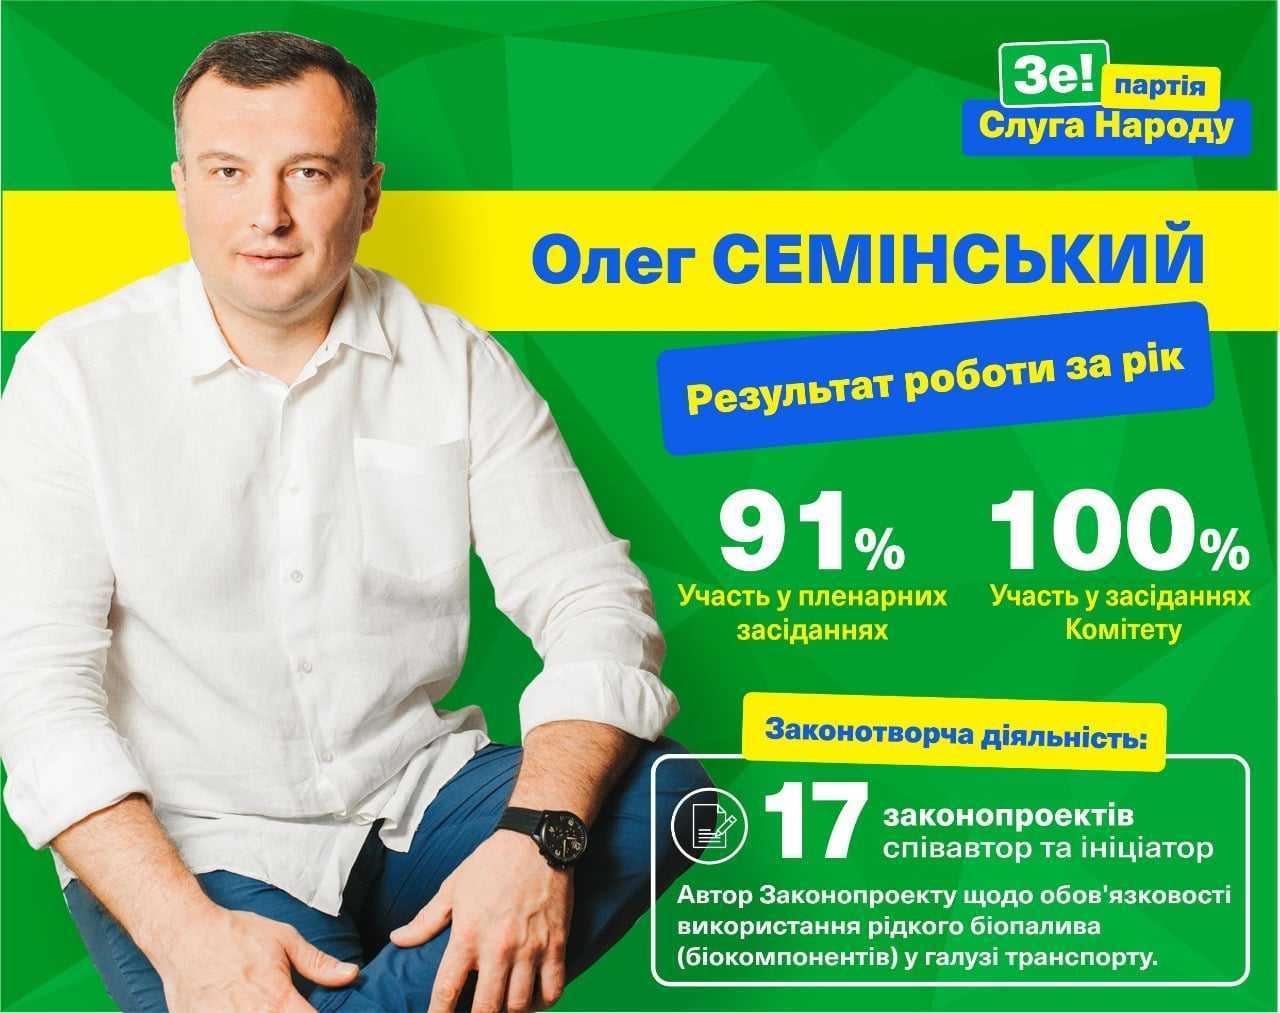 ДБР порушило кримінальне провадження проти нардепа СН Семінського за вимагання акцій «Нафтогазвидобування»